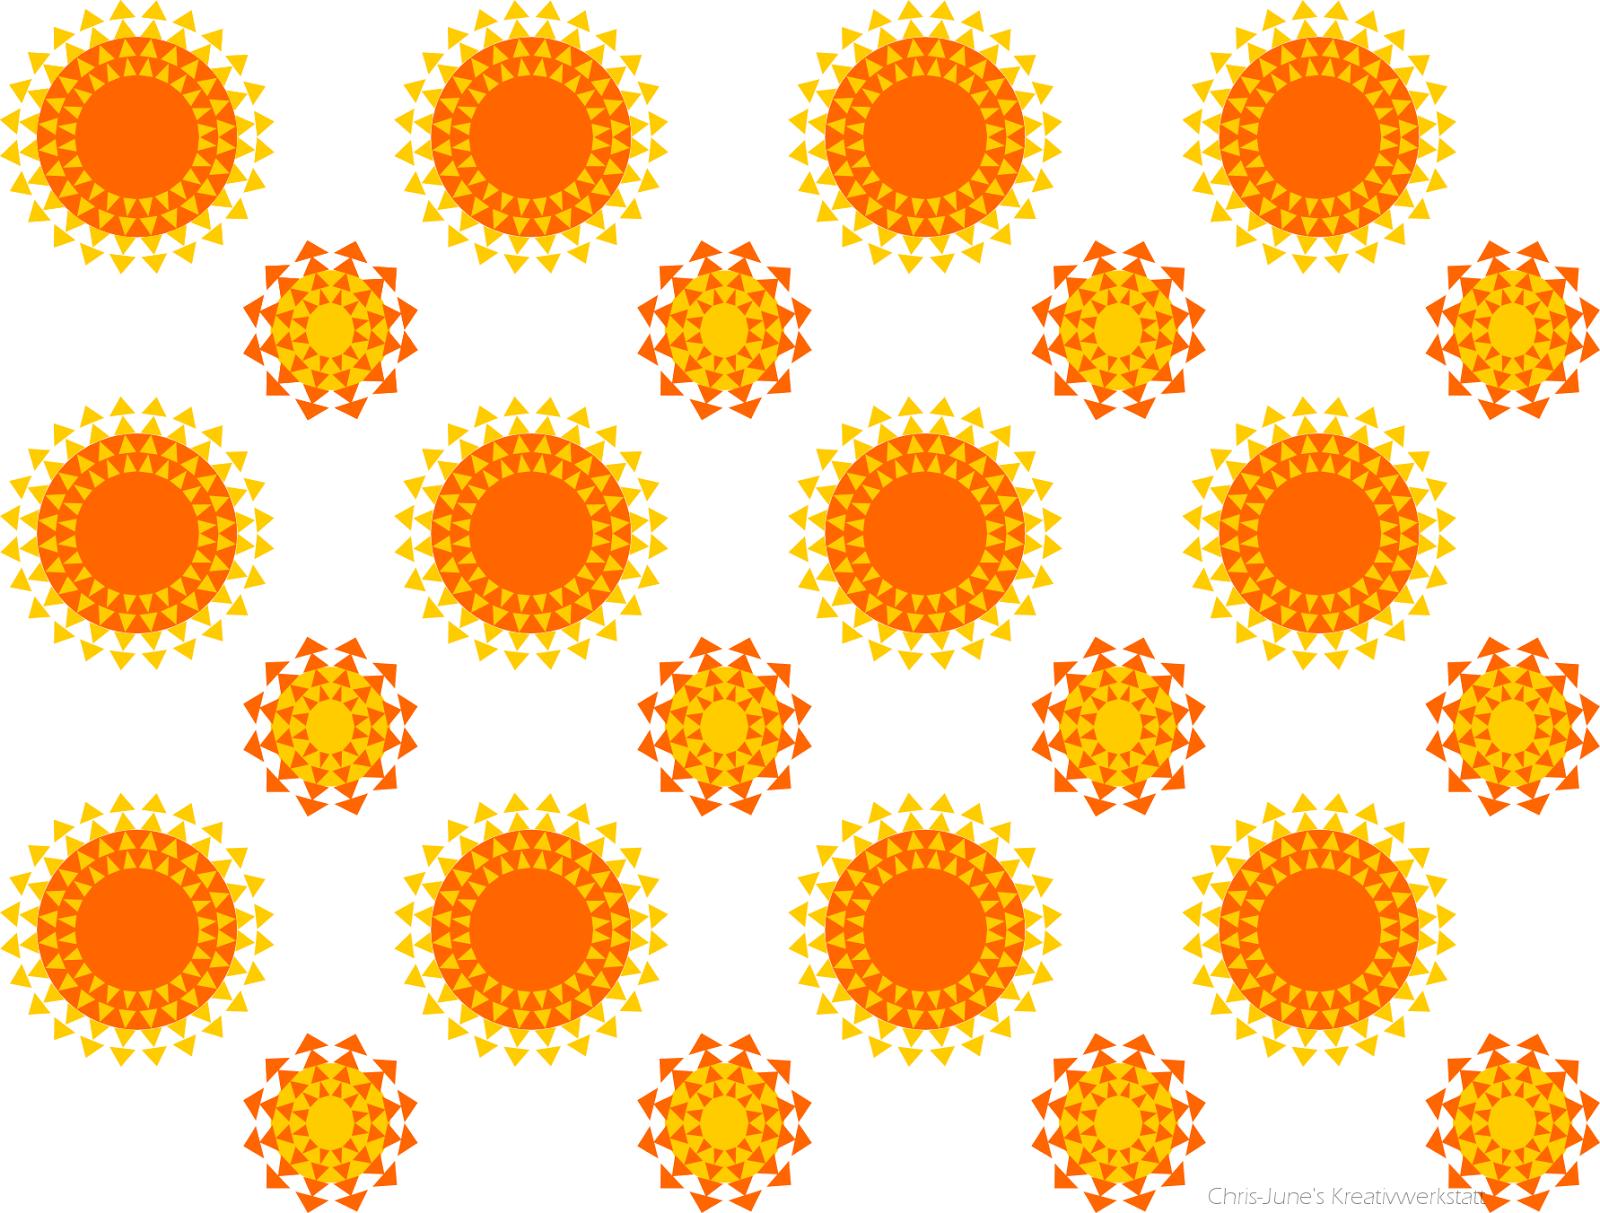 Sonnenmuster aus Kreisen und Dreiecken